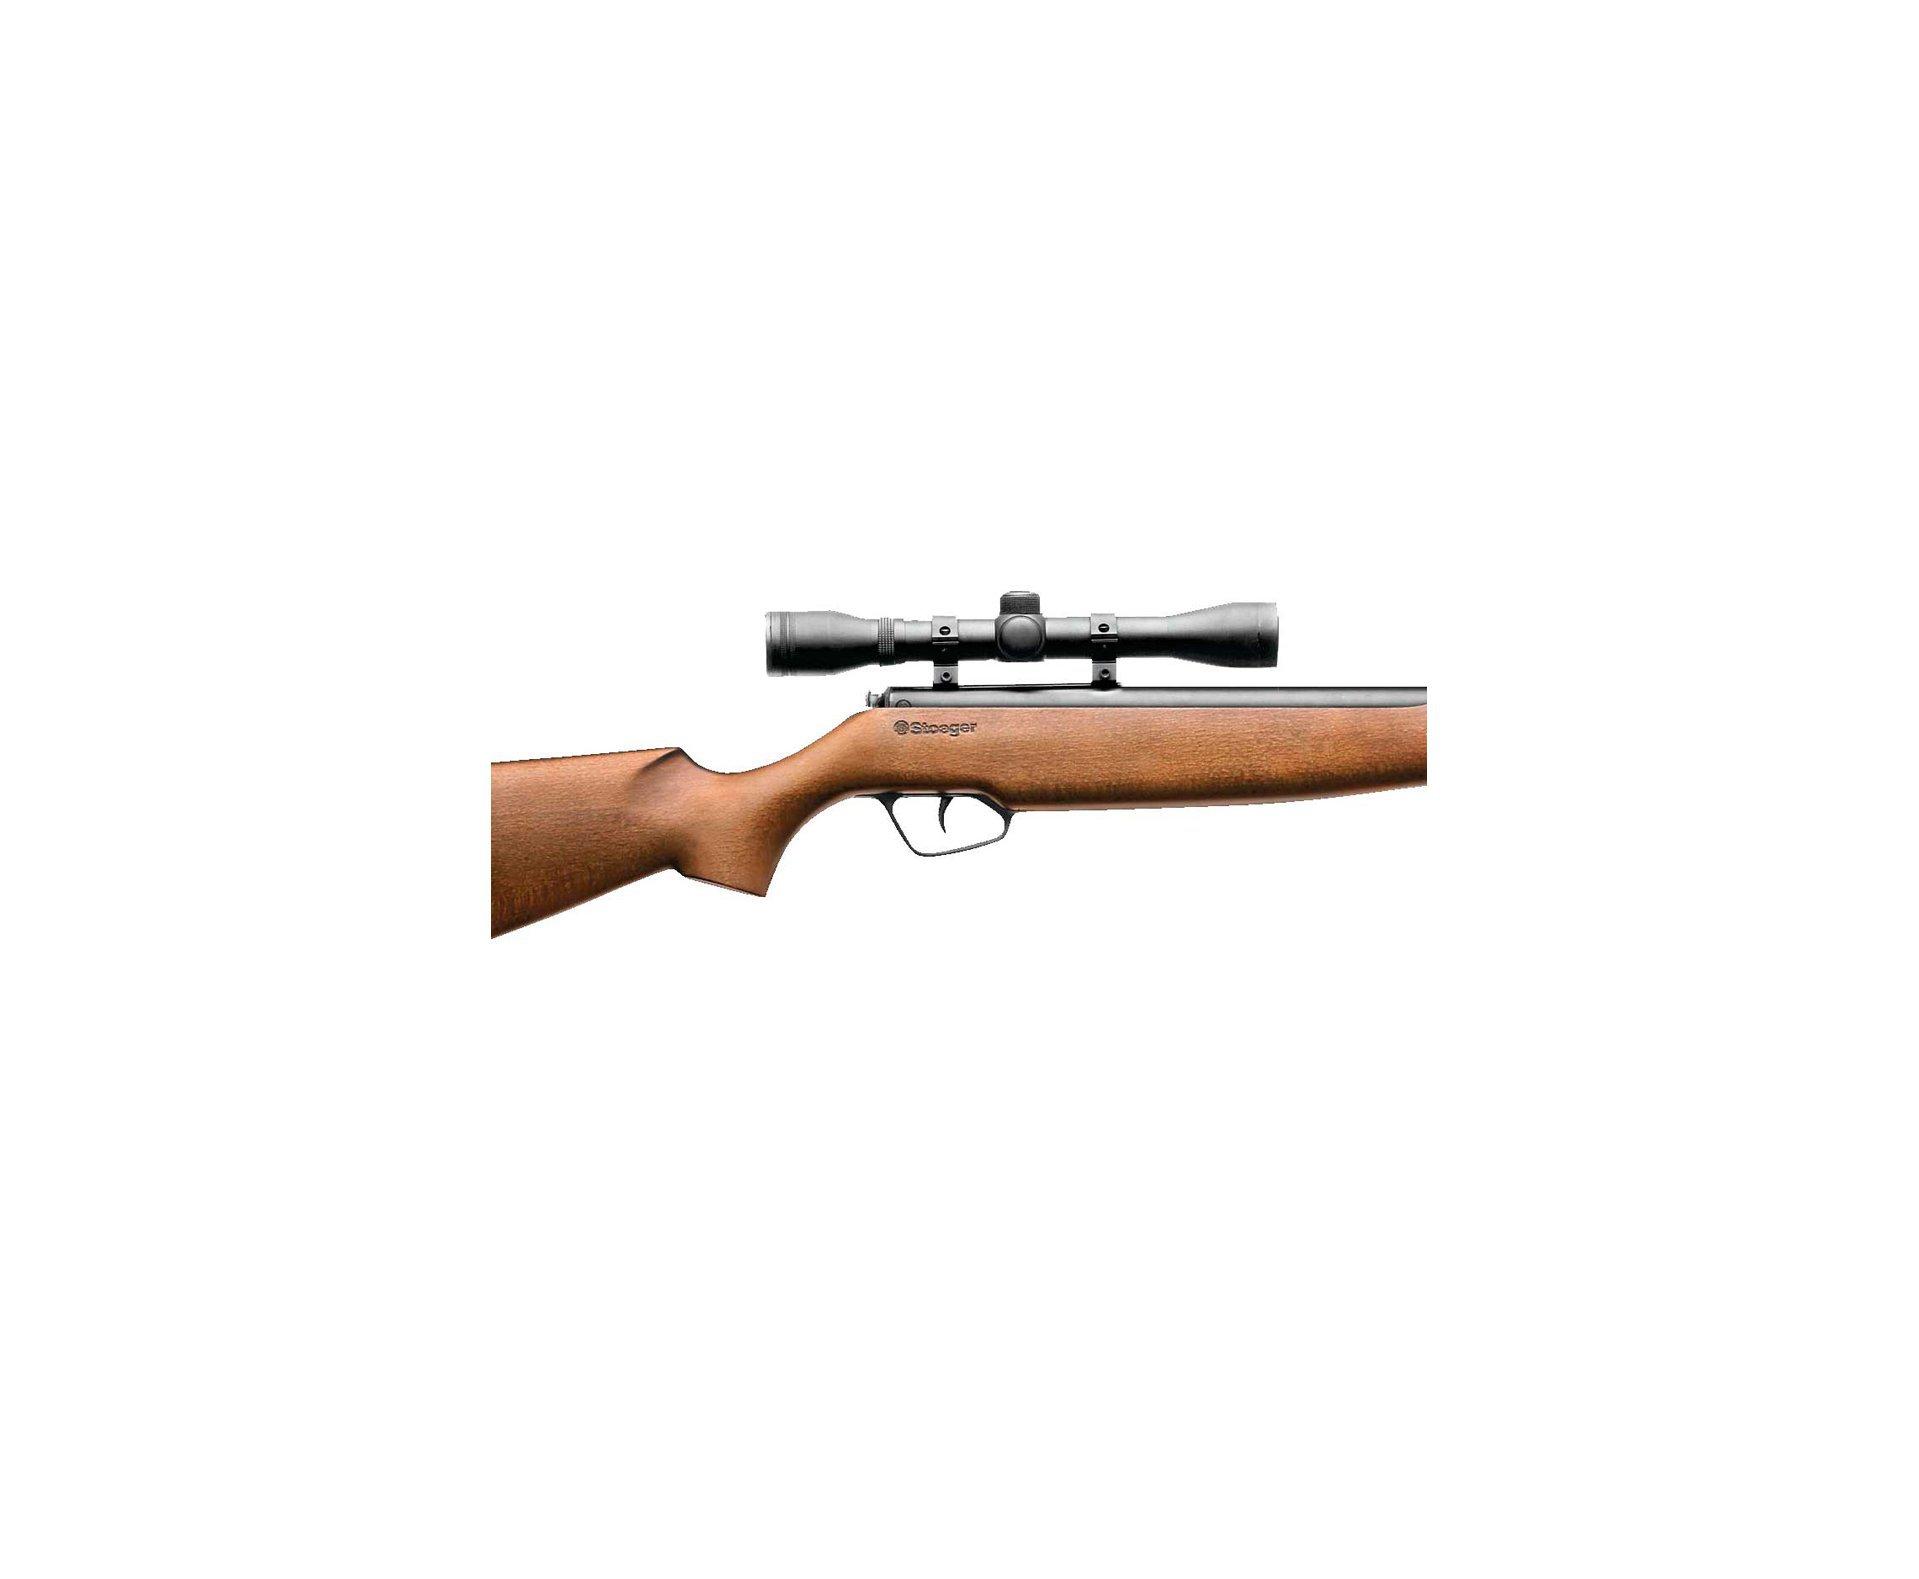 Carabina De Pressão X10  - Madeira - Calibre 5,5 Mm + Luneta 4x32 - Stoeger Airguns/bereta